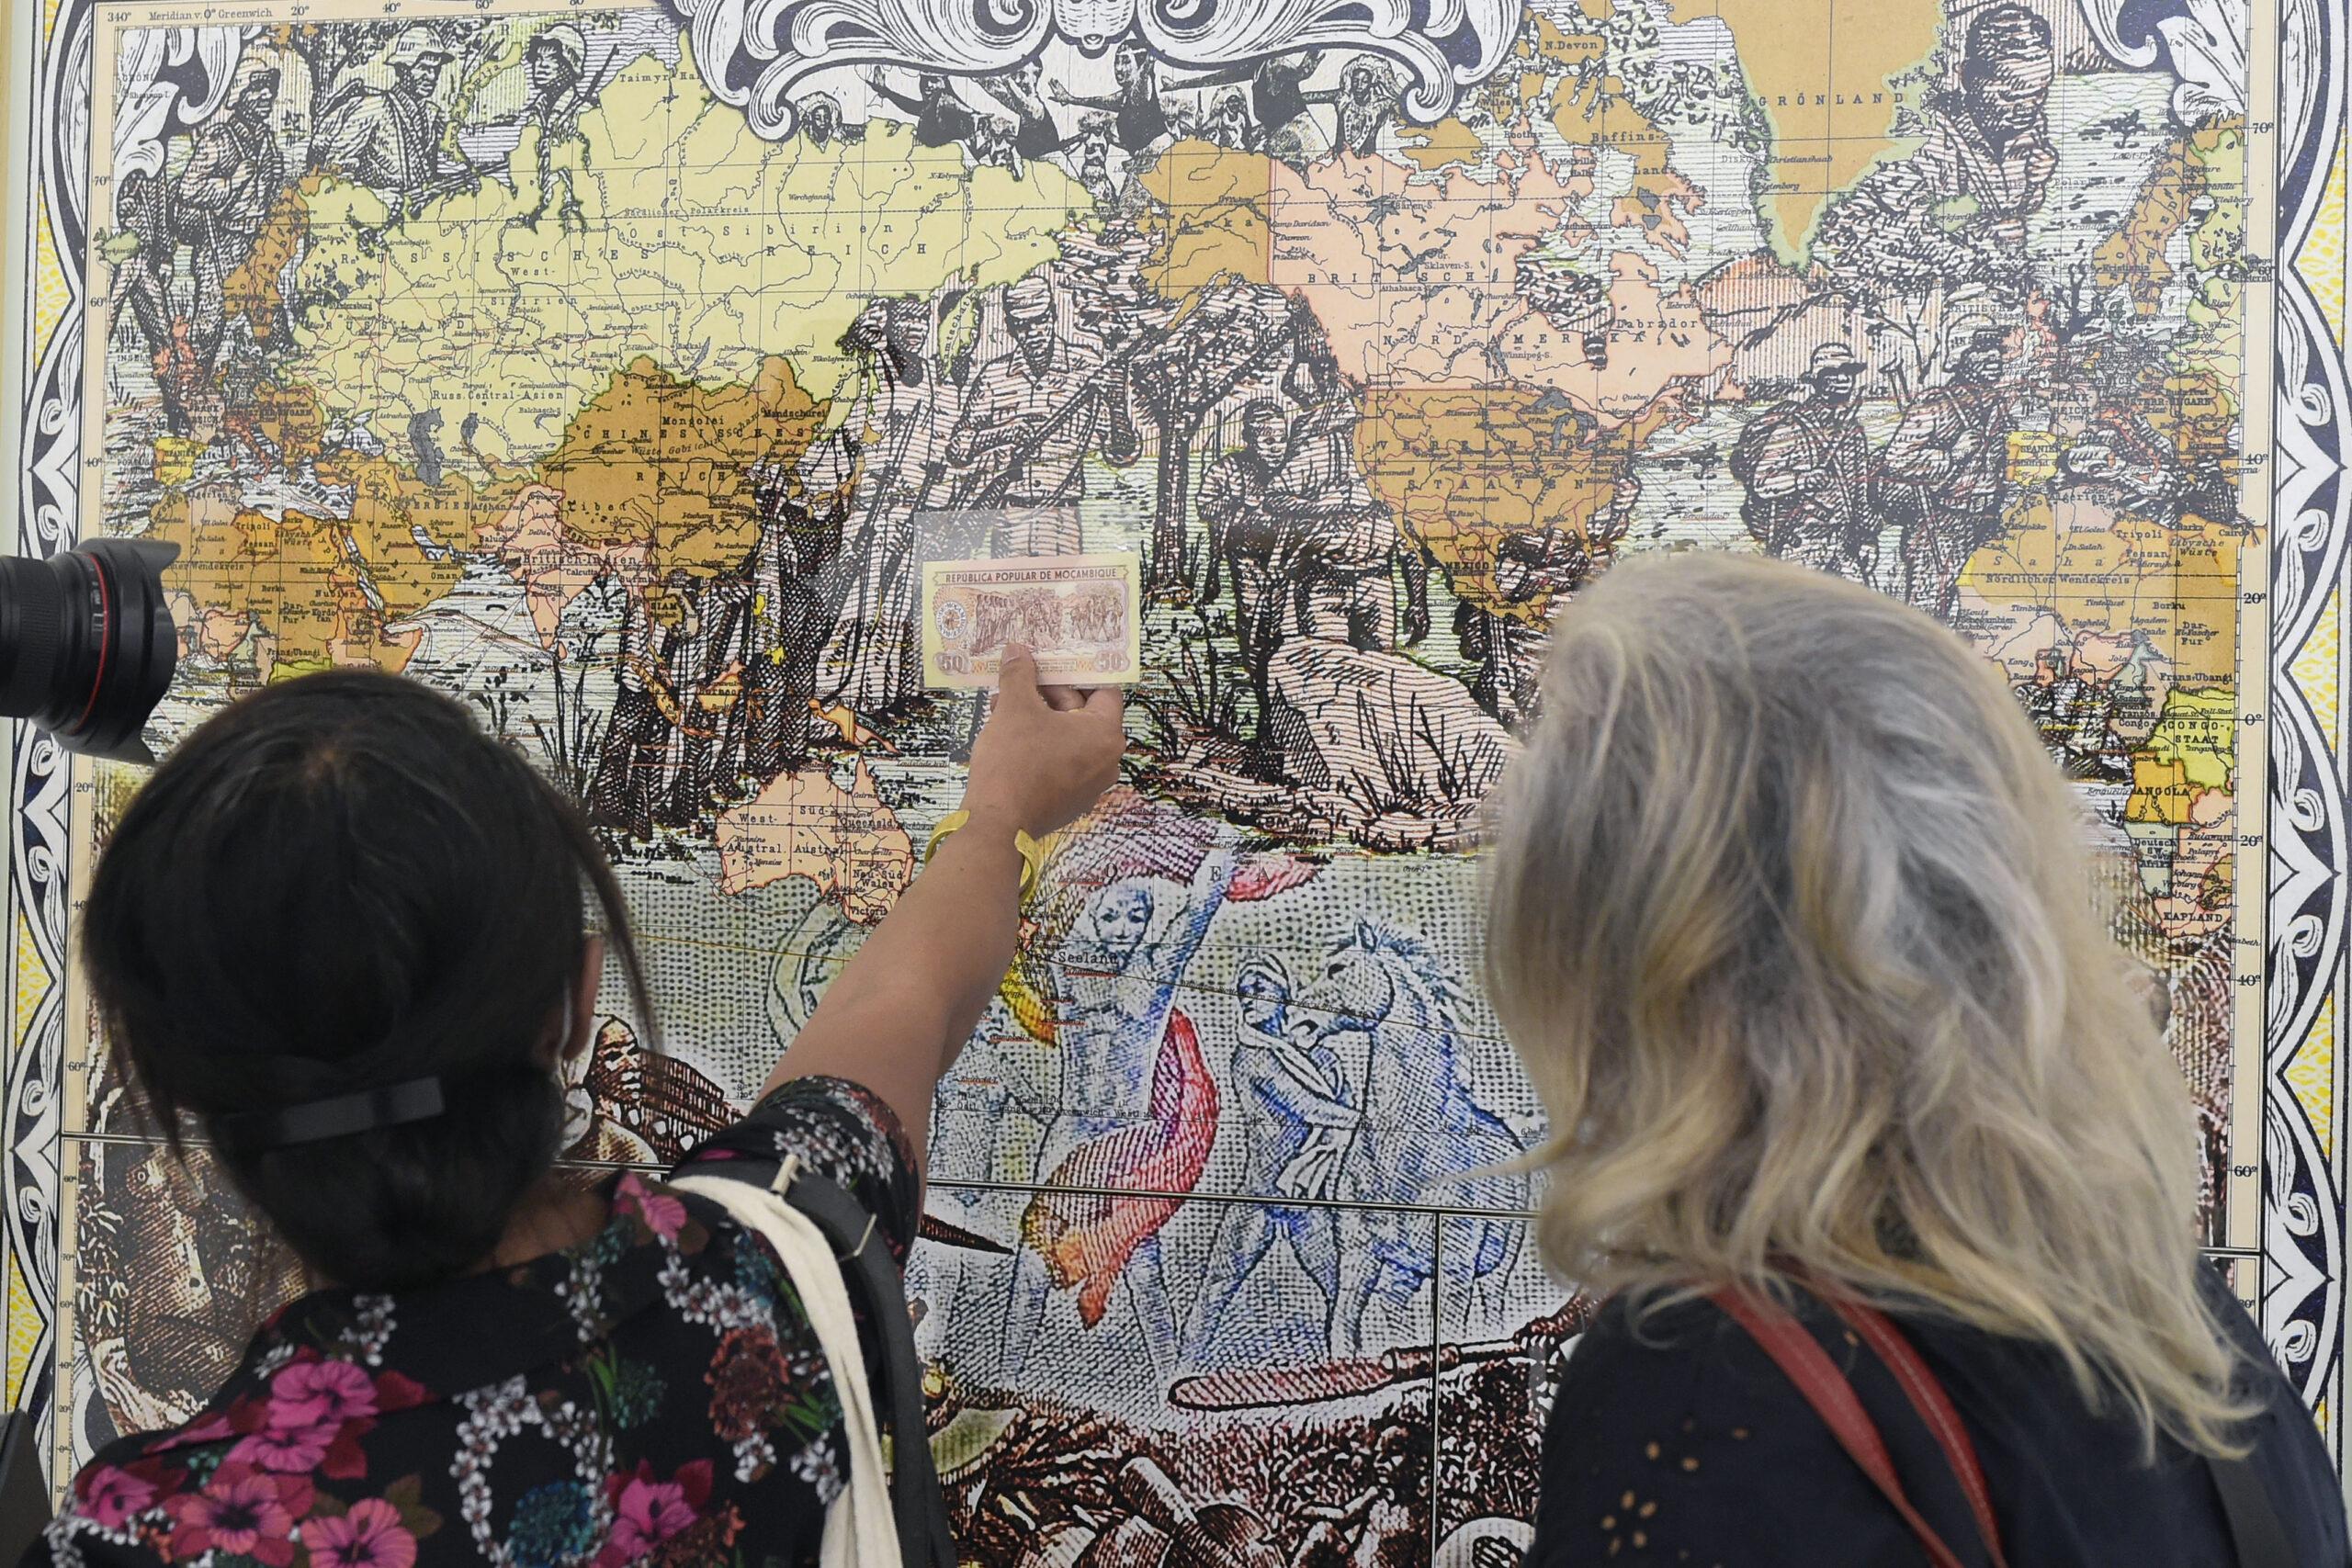 Fórum Arte Braga recebe exposição 'Figures' dos Encontros da Imagem